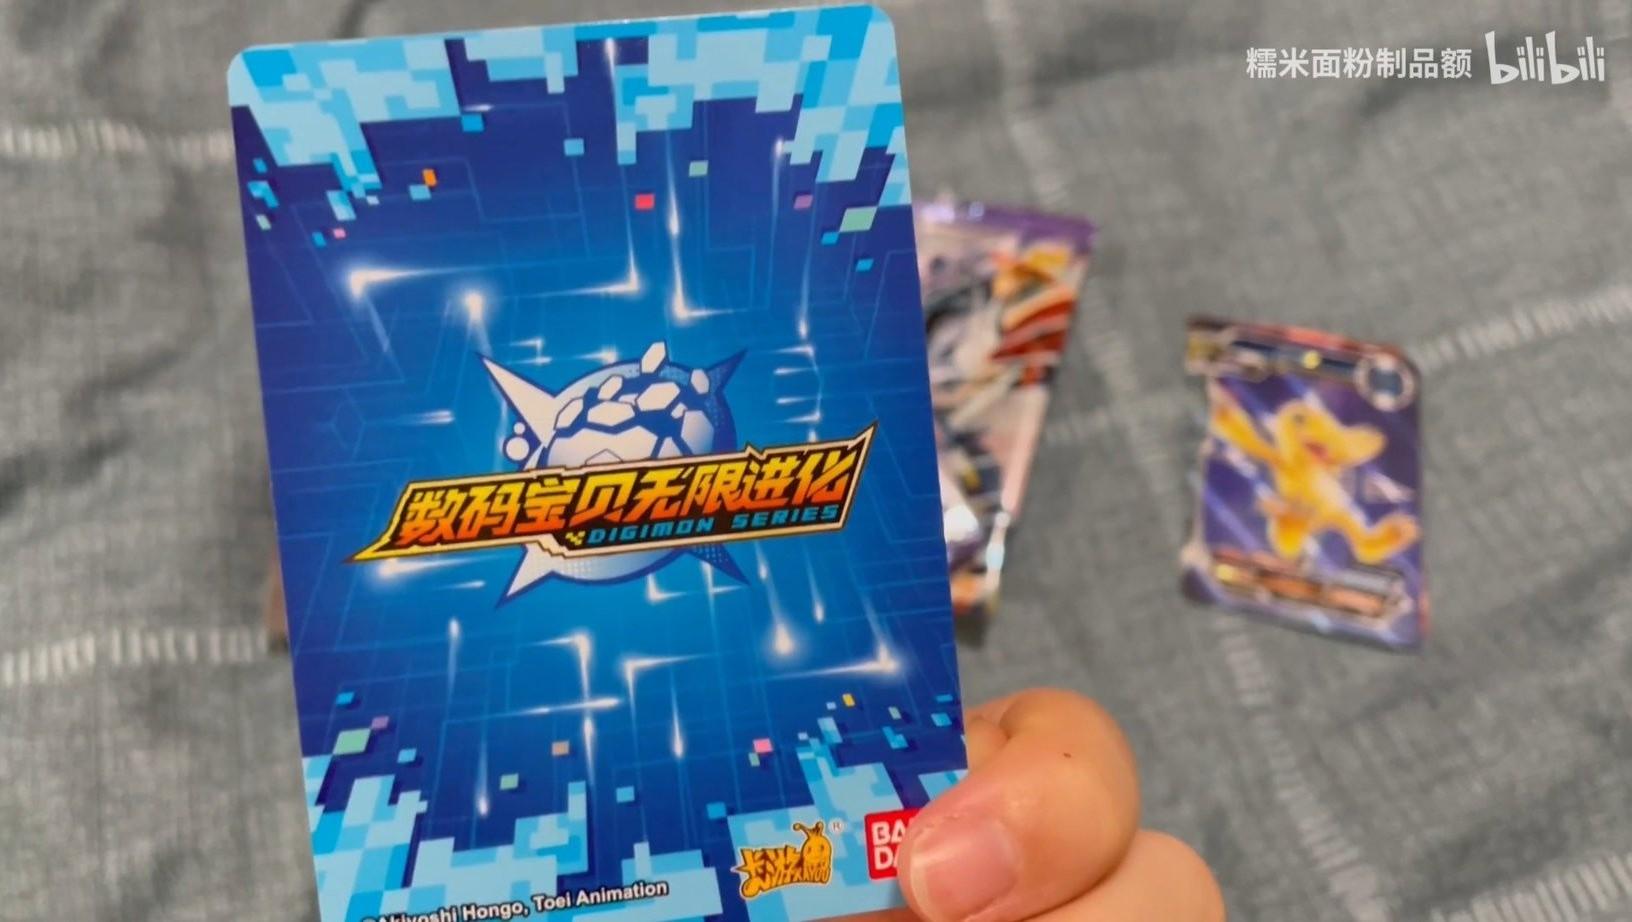 chinesecards07_september25_2021.jpg